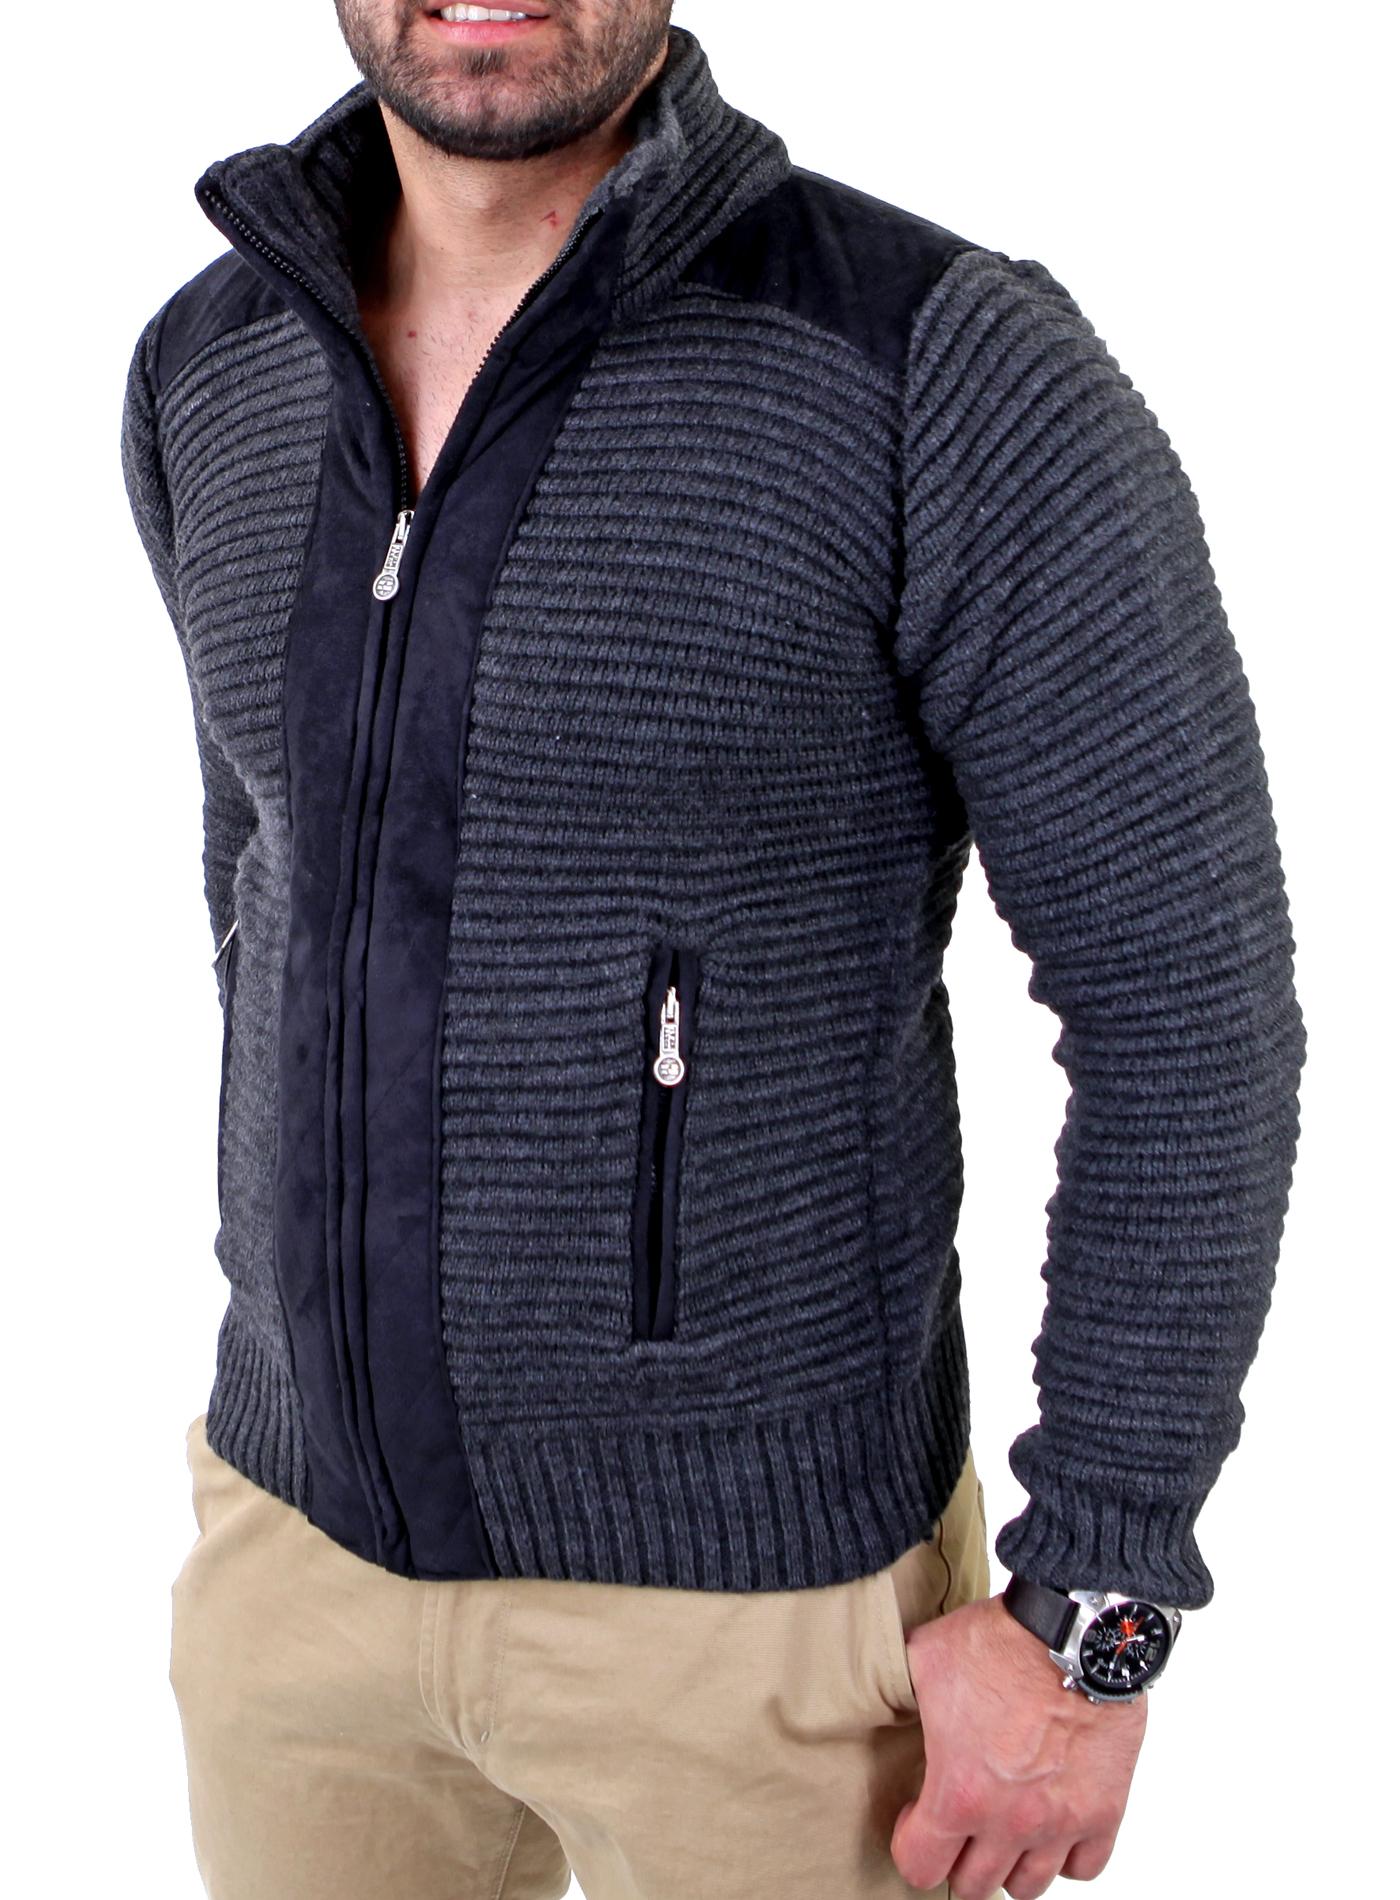 reslad herren grobstrick winter pullover sweatjacke strickjacke pulli rs 3203 ebay. Black Bedroom Furniture Sets. Home Design Ideas